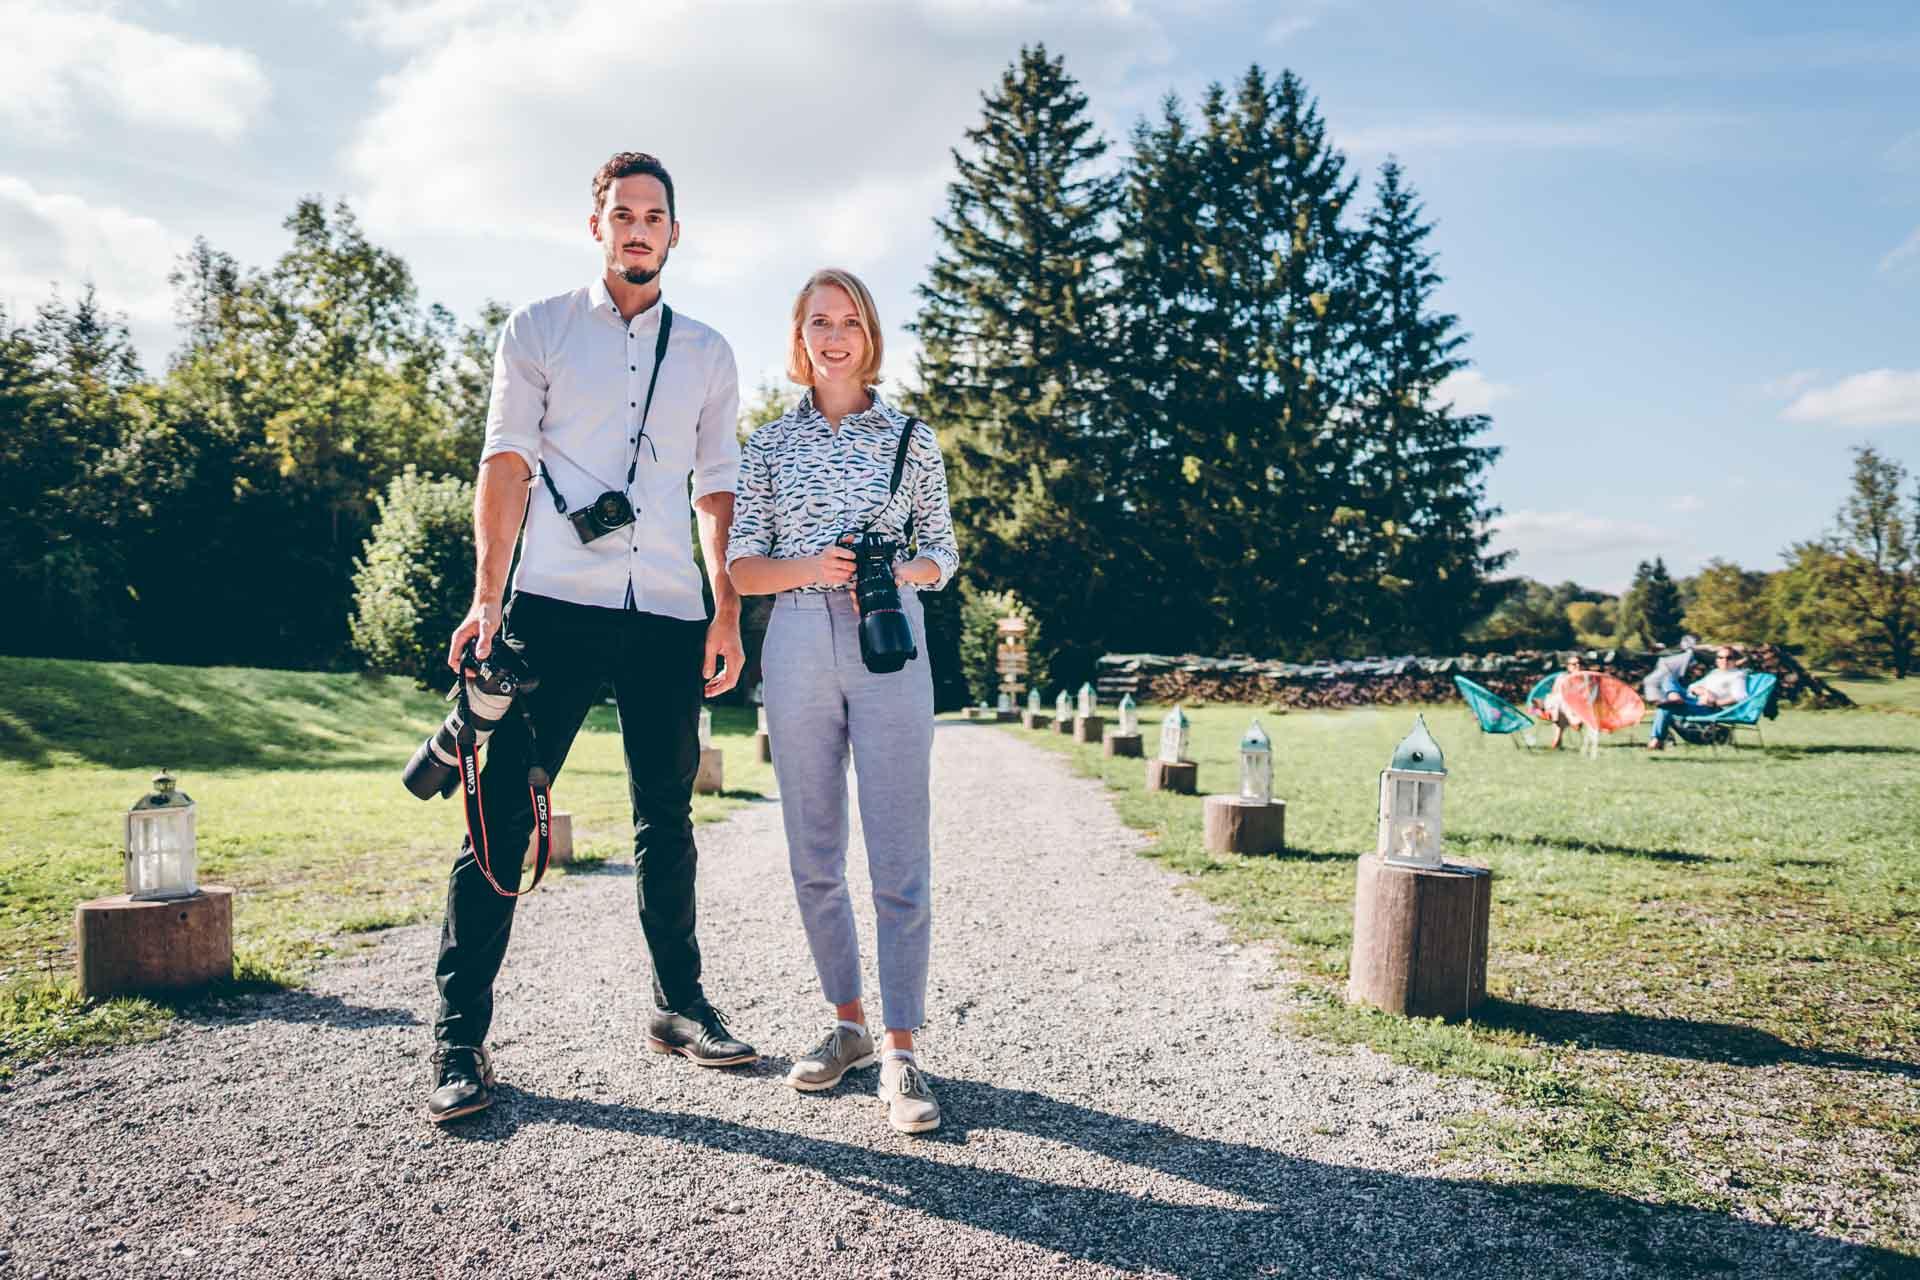 Toni & Jules - Hochzeitsfotografen aus München bei der Arbeit bei der Blueland Hochzeit in Ohlstatt